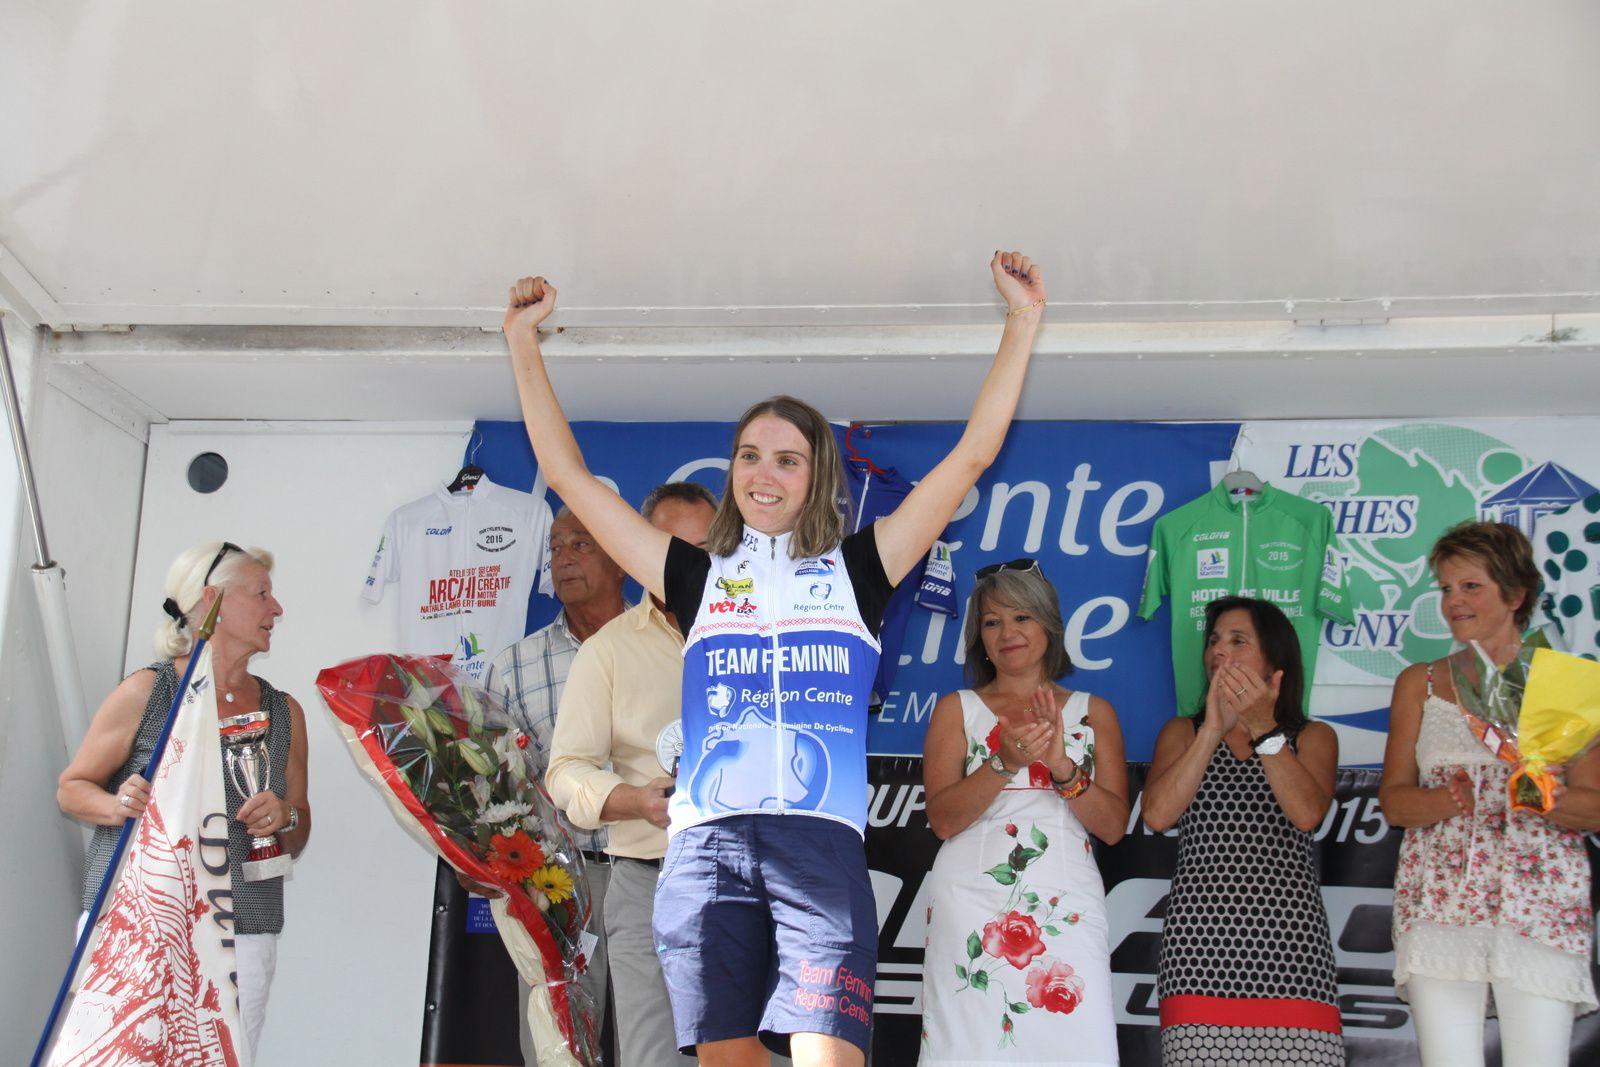 Marion  SICOT  vainqueur  de  la  derniére  étape  récompensée  par  Bruno  DRAPRON, adjoint  au  maire  de  Saintes  et  la  conseillére  départementale.